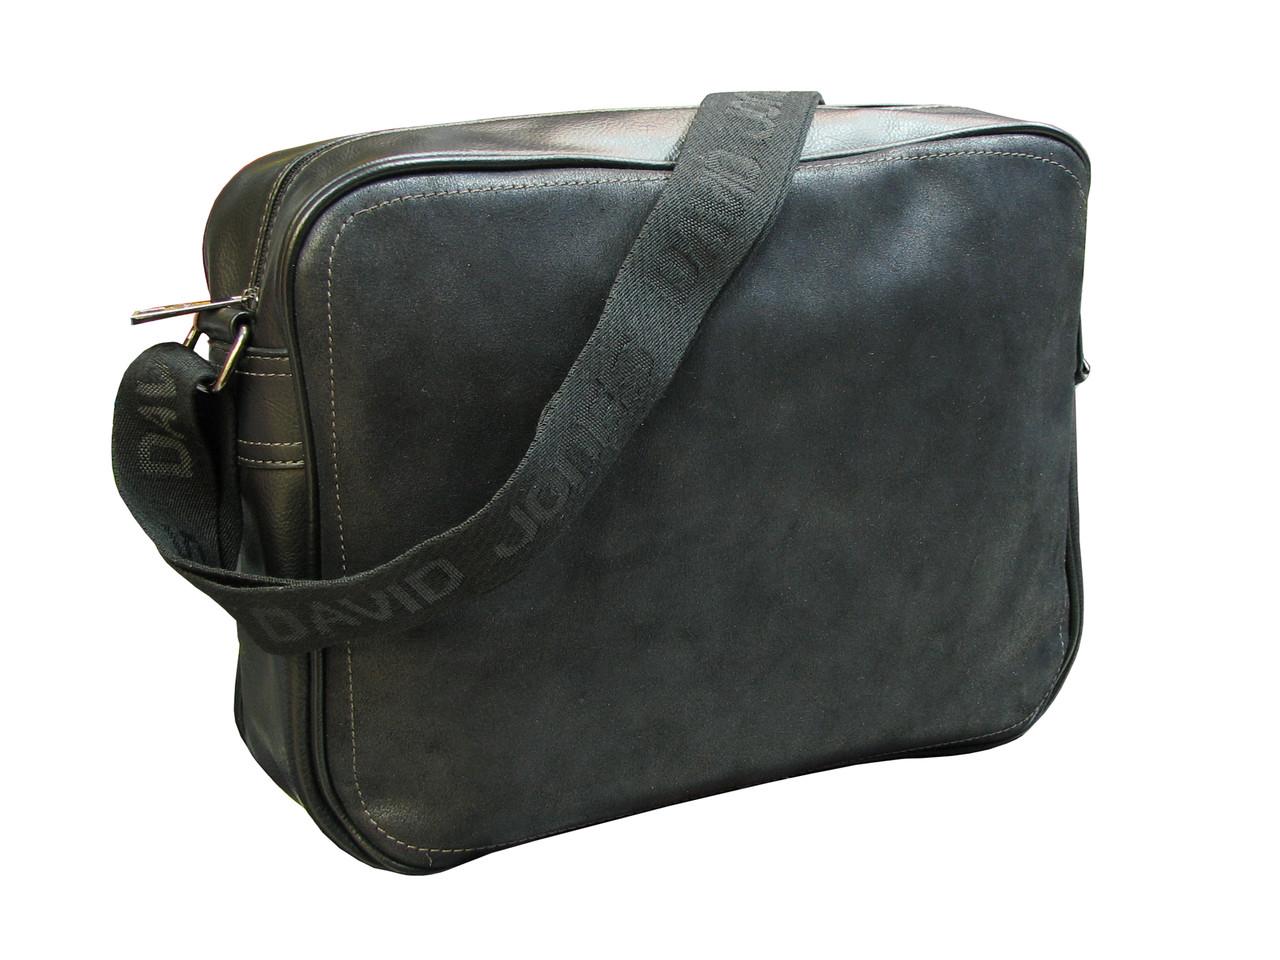 bca4c8eba018 Мужская сумка-портфель через плечо David Jones 5432: продажа, цена в ...